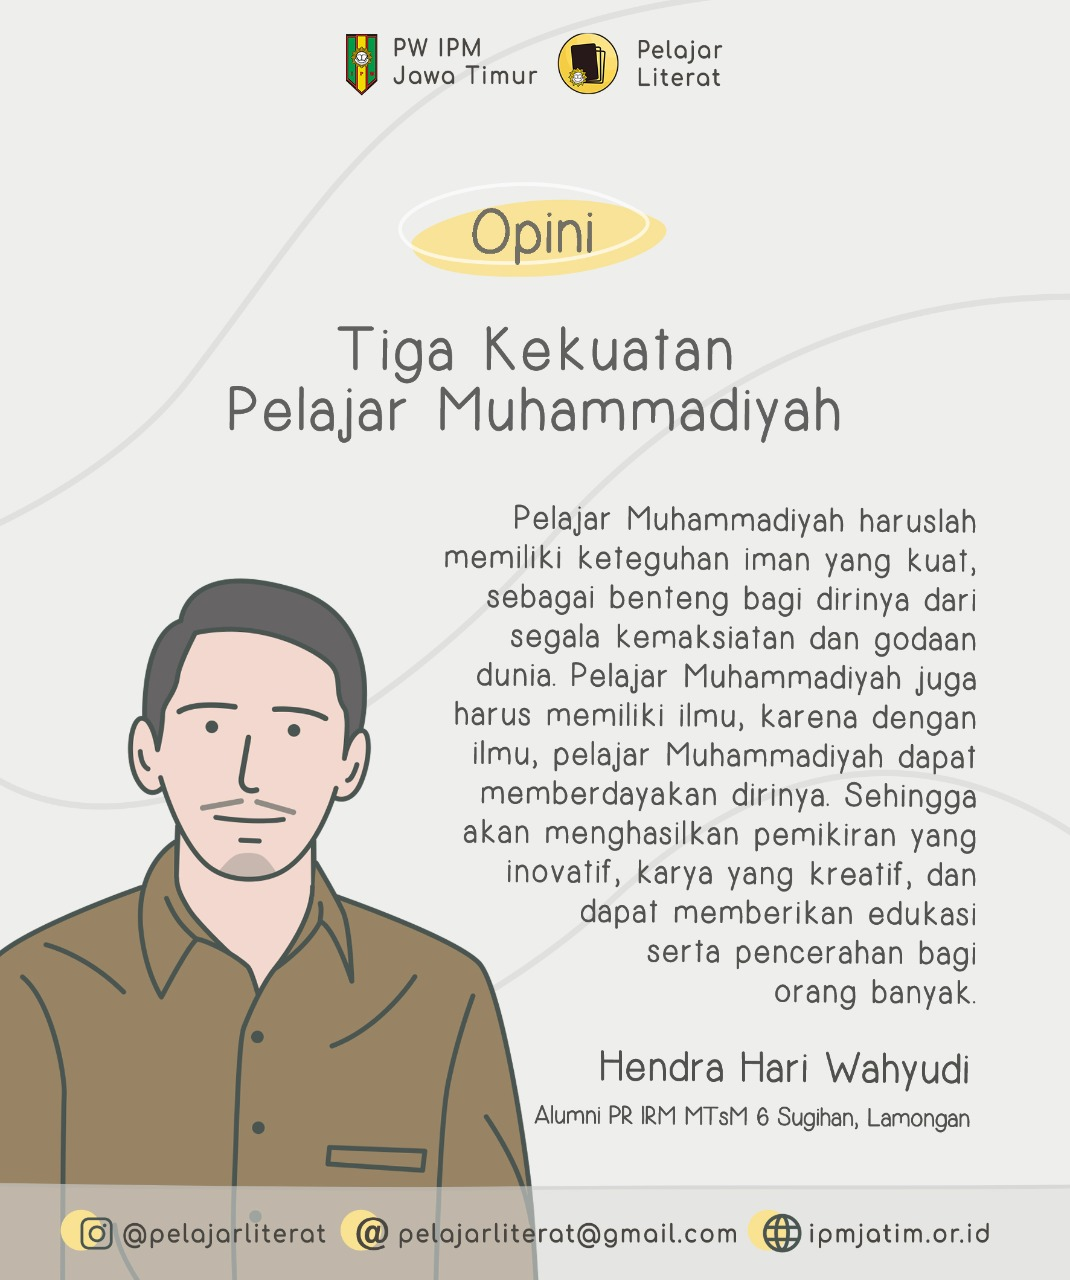 Tiga Kekuatan Pelajar Muhammadiyah